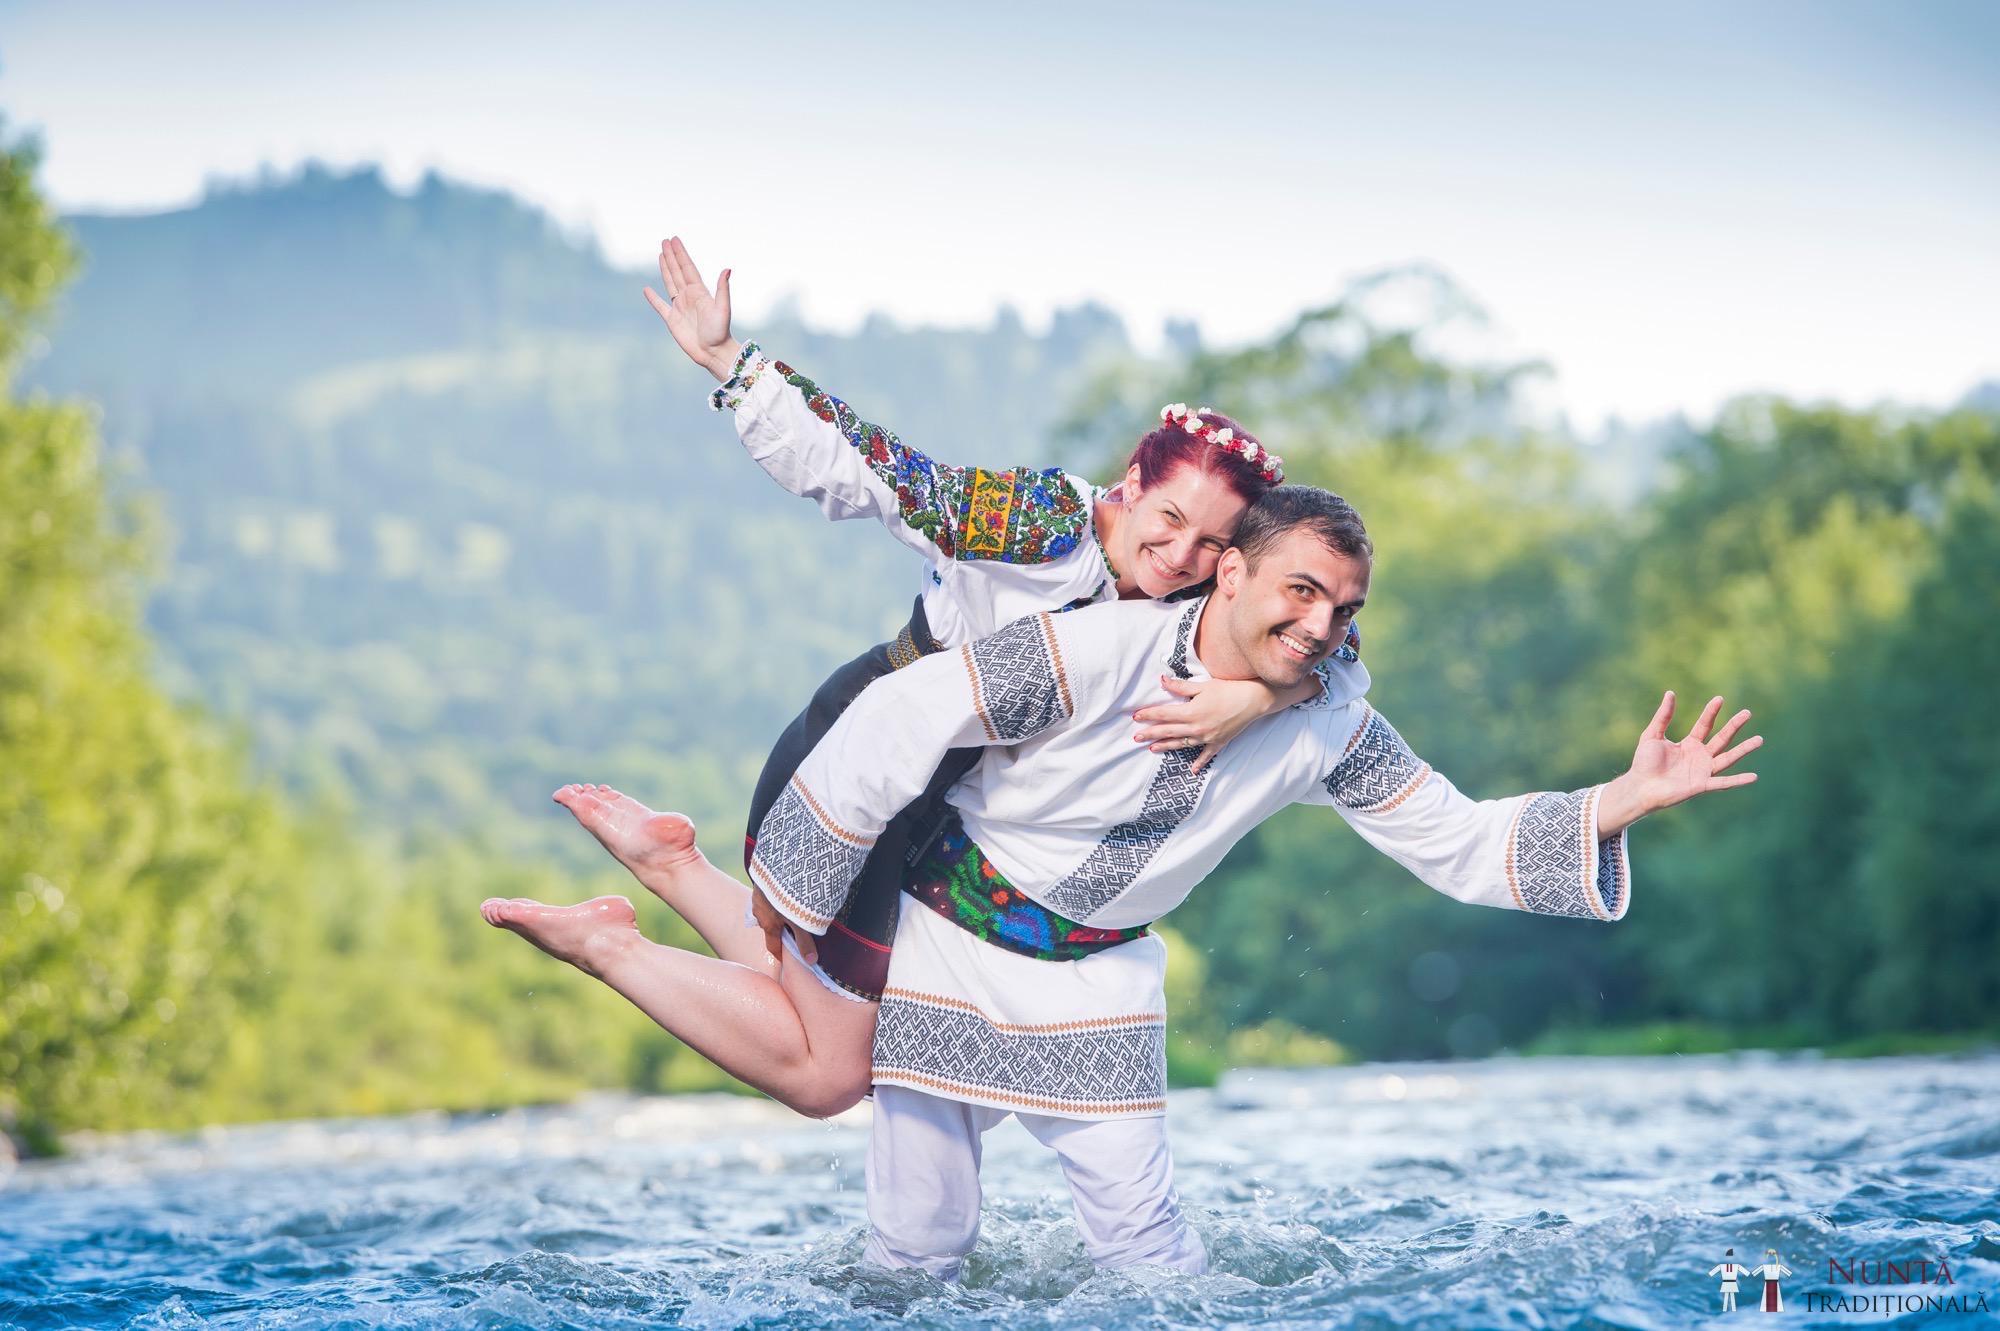 Povești Nunți Tradiționale - Gabriela și Mădălin - Nuntă Tradițională în Suceava, Bucovina 8